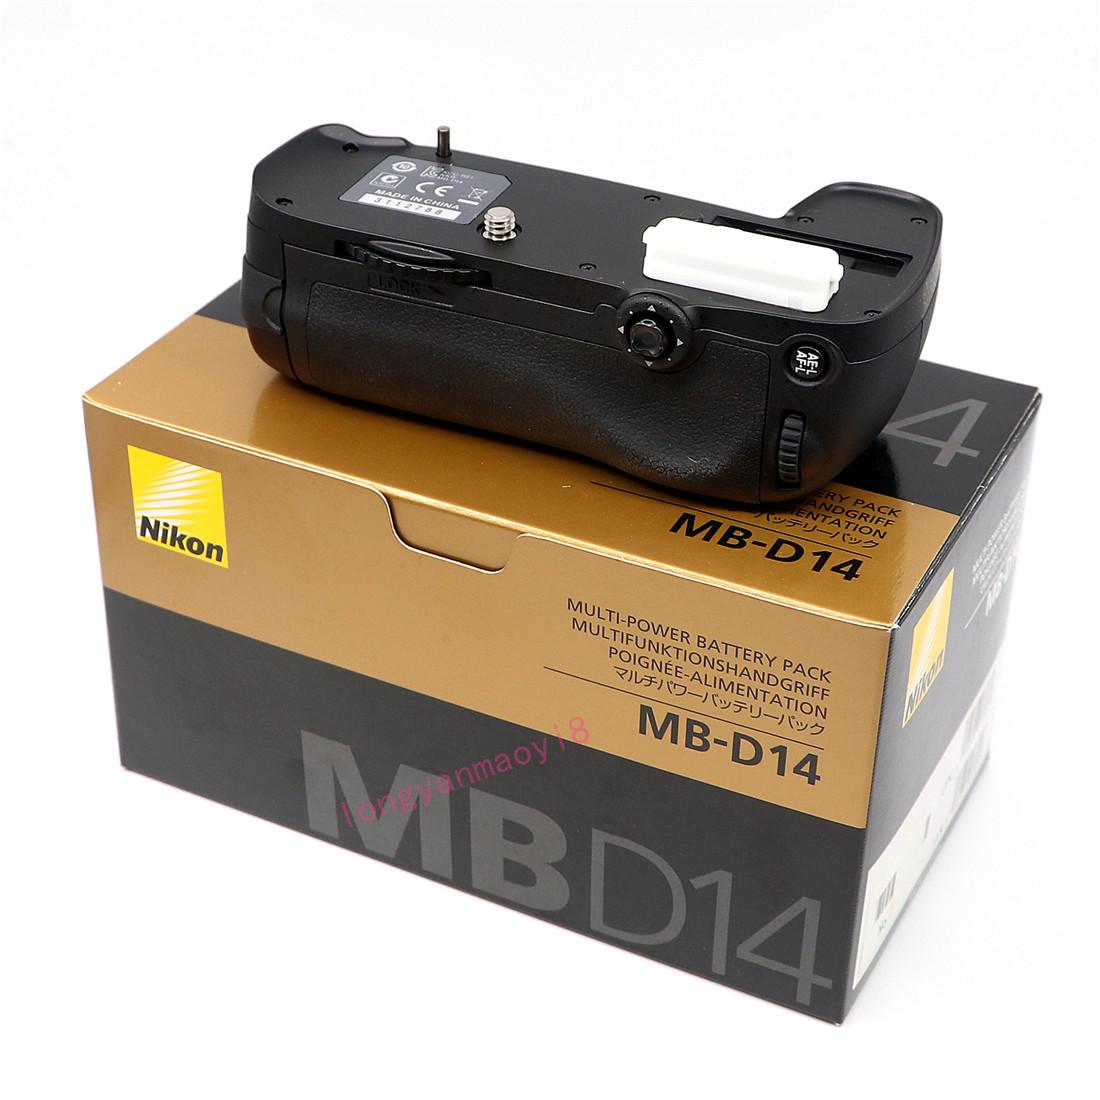 NEW Original Nikon MB-D14 Vertical Battery Grip for D610 D600 Camera